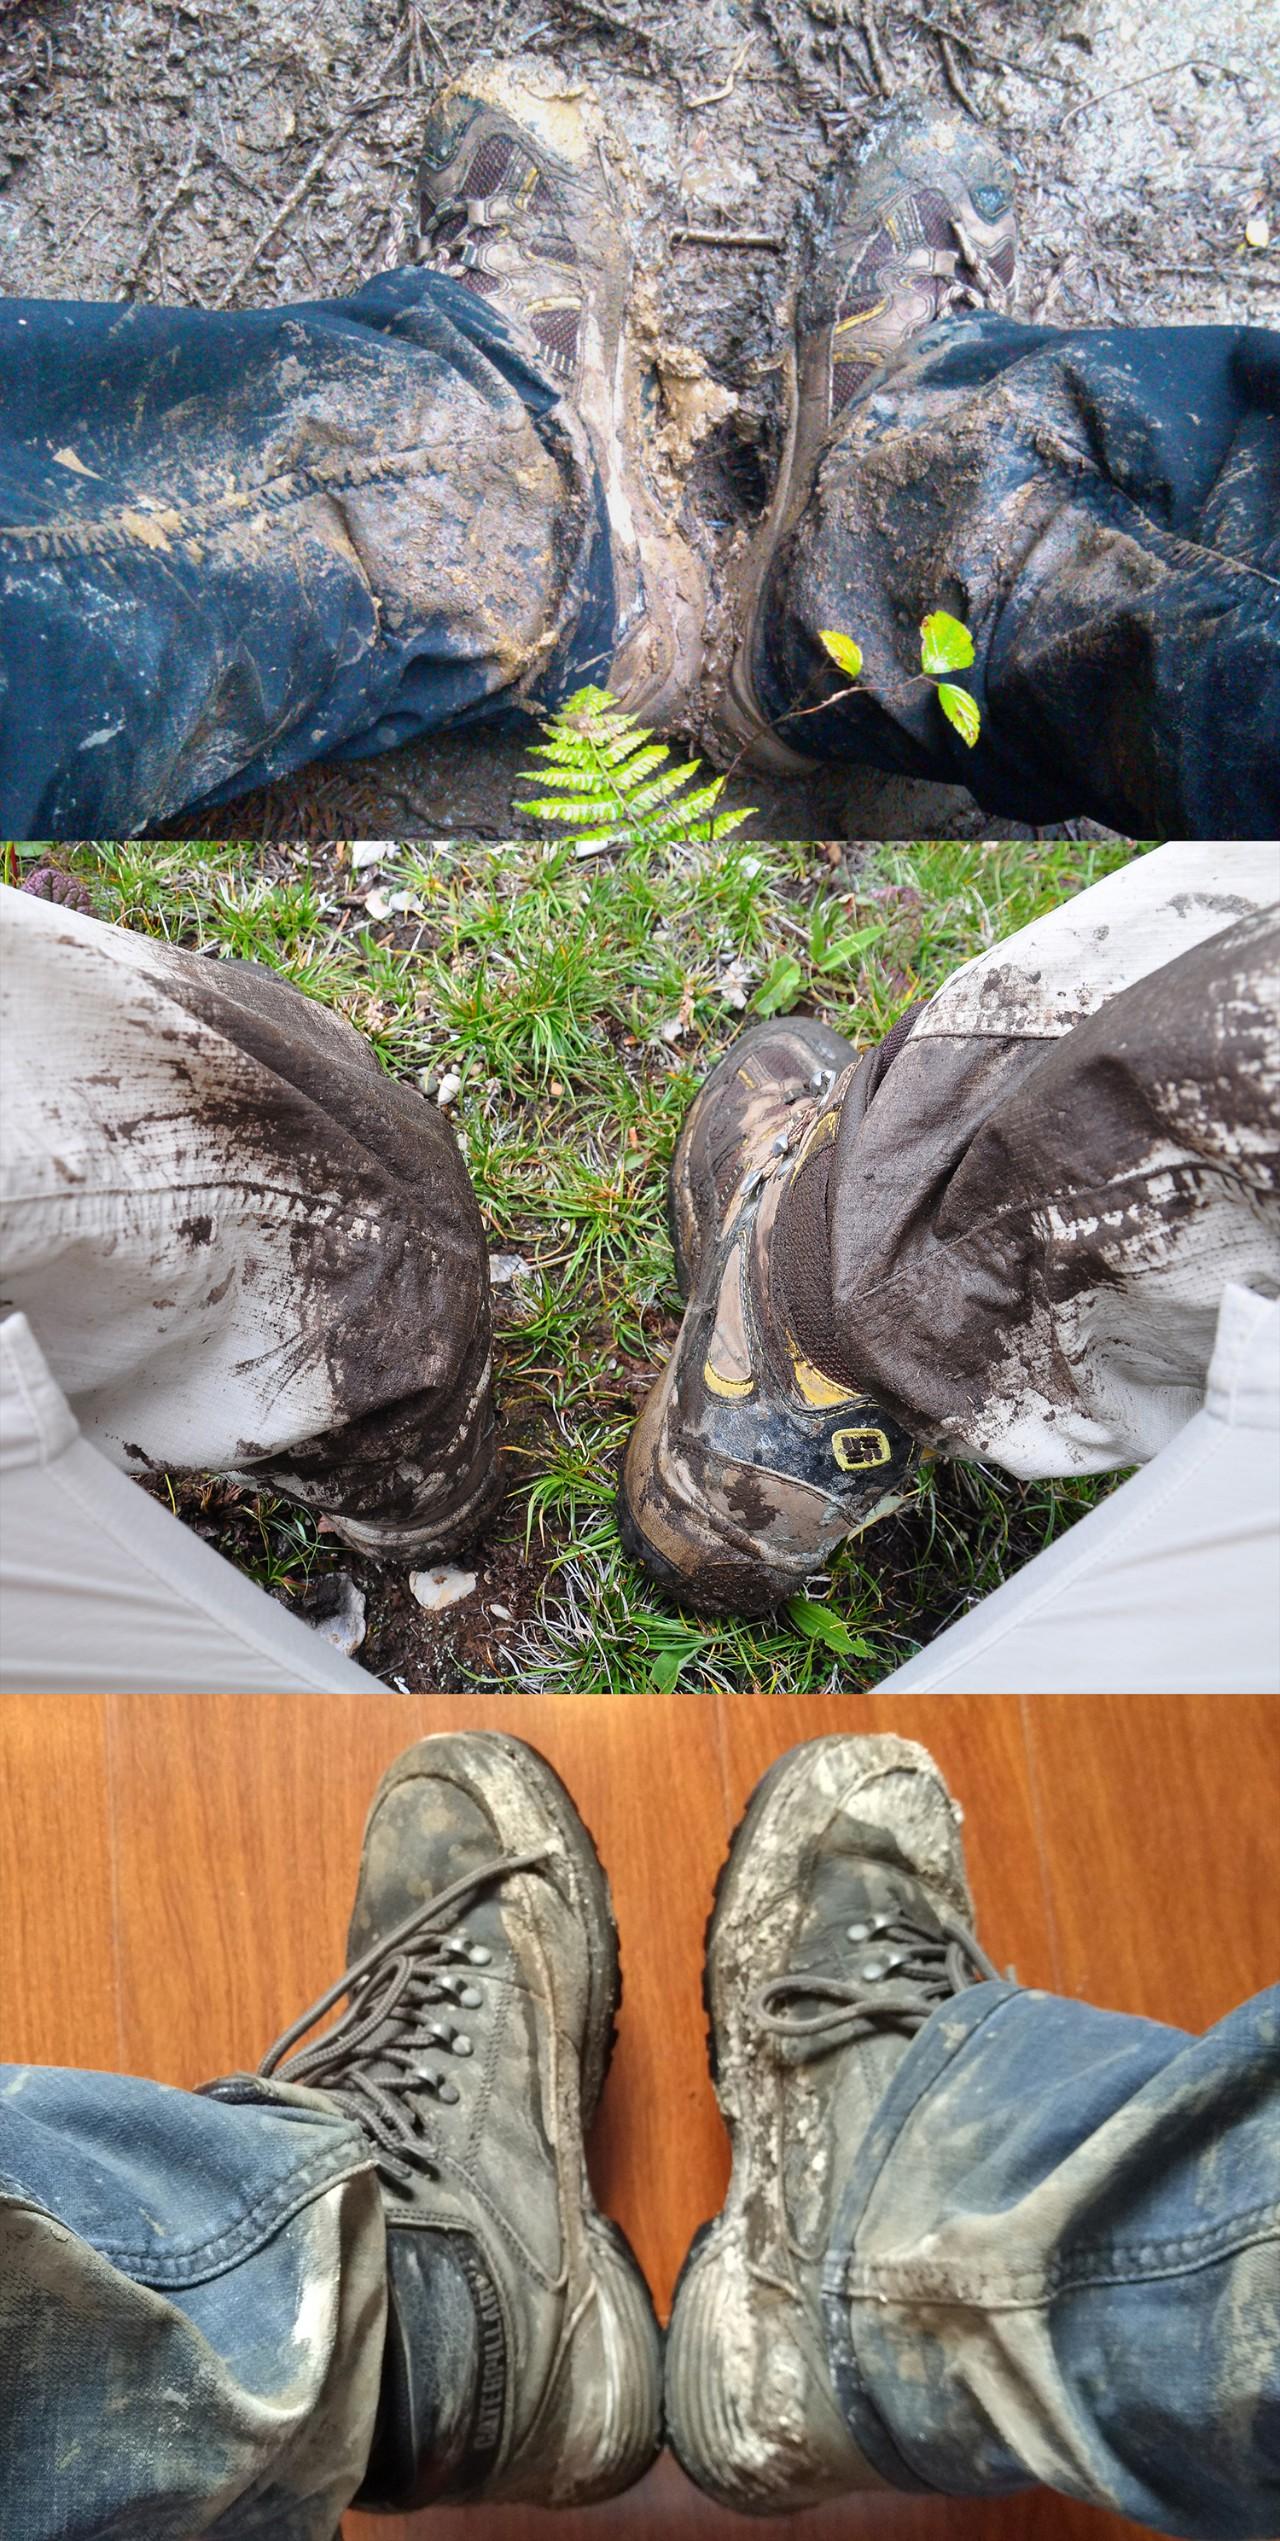 朋友圈消失两年,他独自航拍中国,照片惊艳世界-小苏-每日微信精选